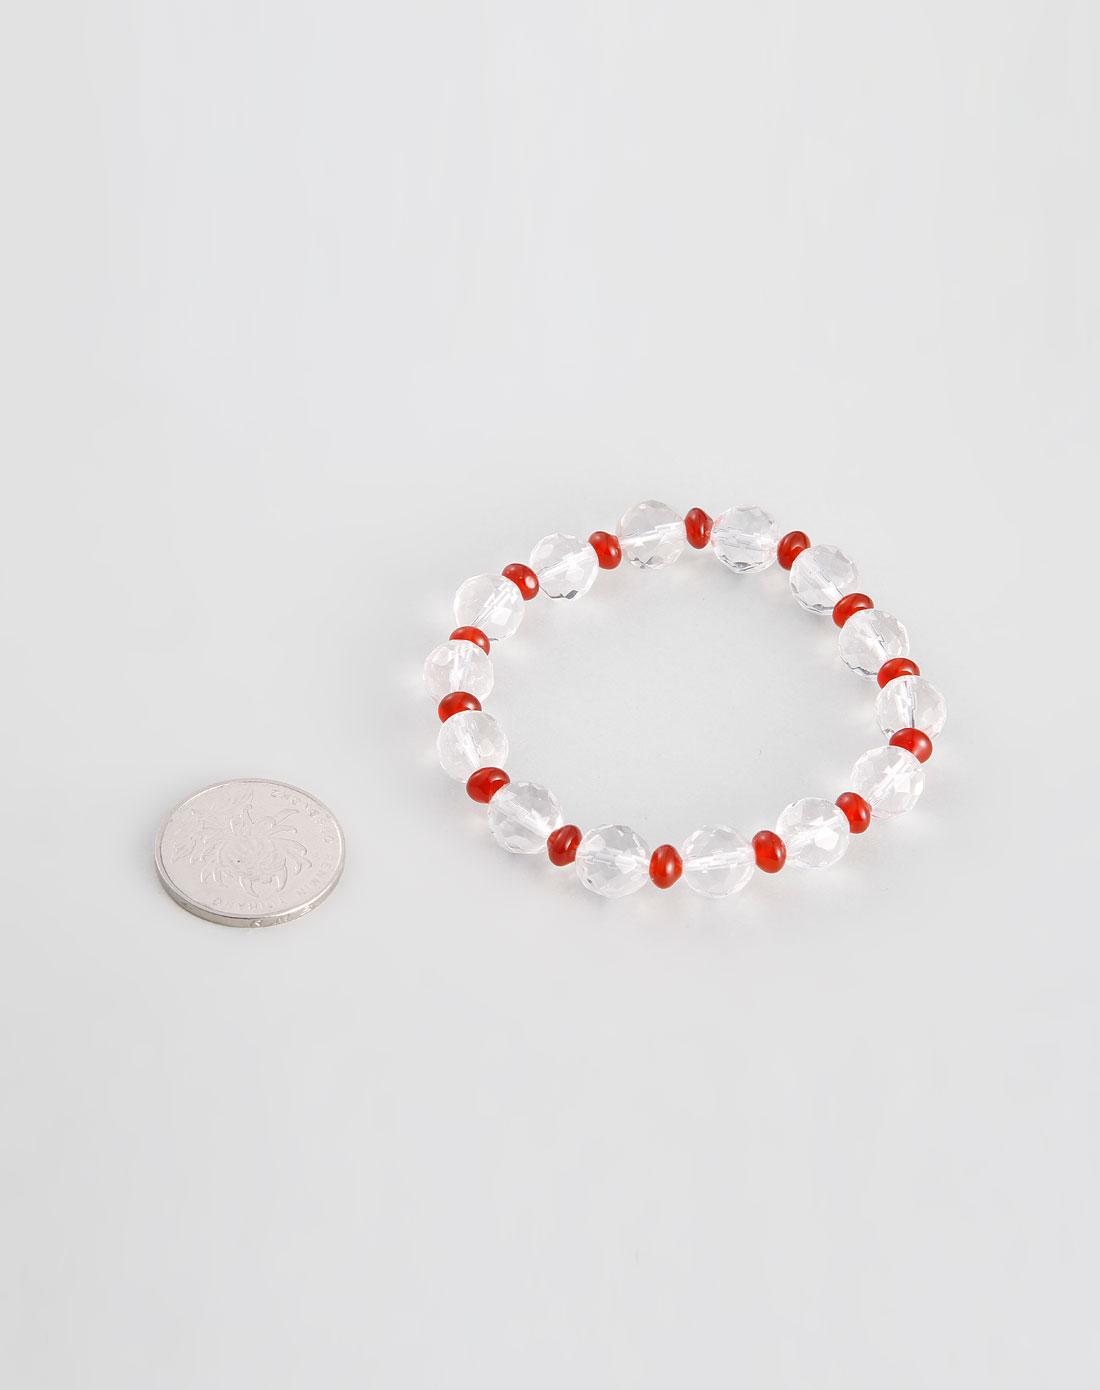 kmonado饰品专场-红色/白色白水晶164面红玛瑙手链